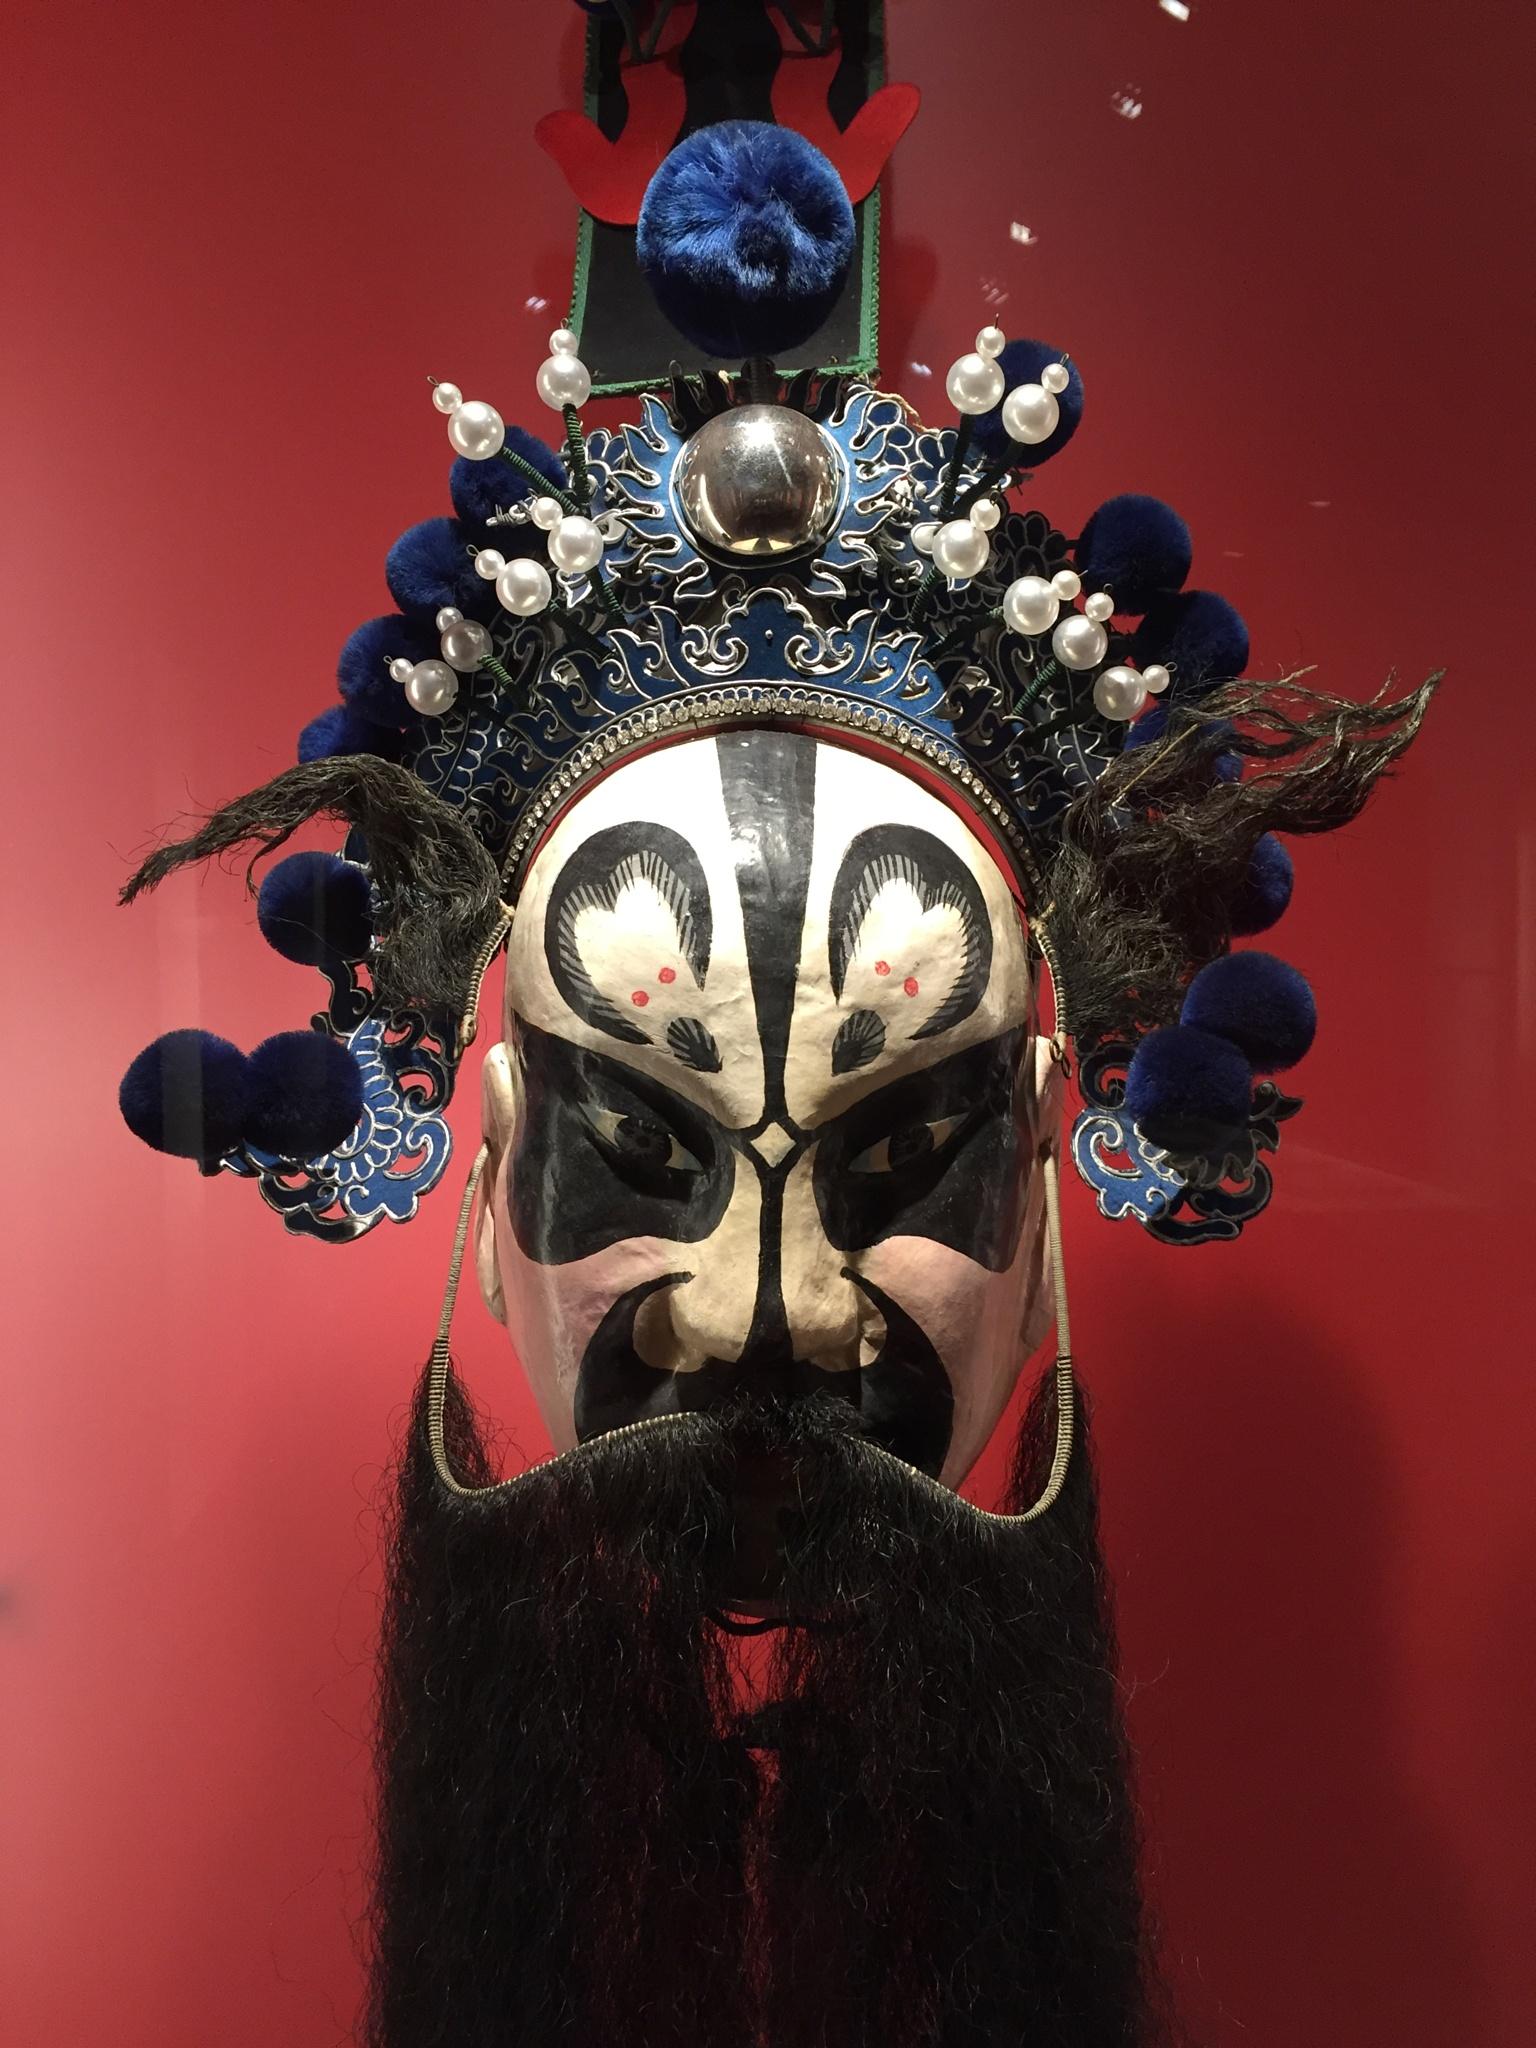 Wicked Mask by Amir  Fajardo